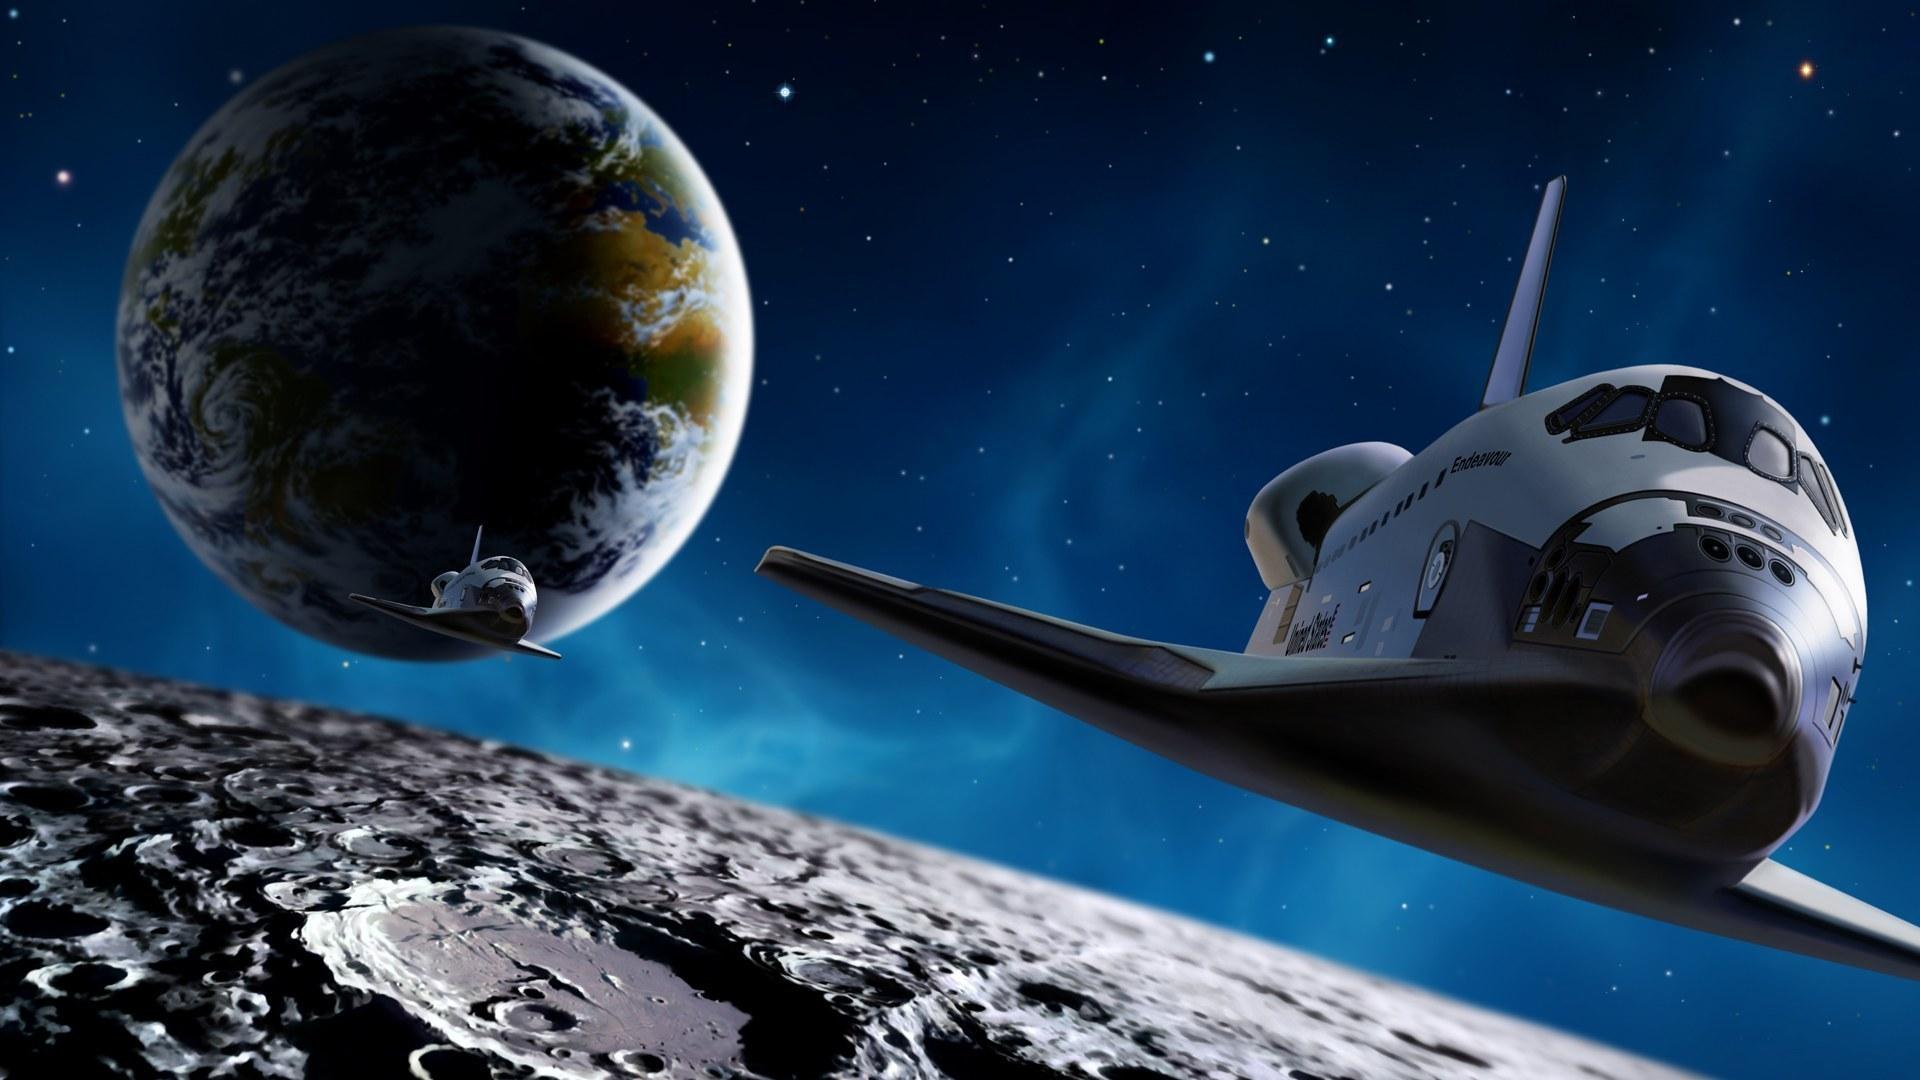 Обои космический корабль картинки на рабочий стол на тему Космос - скачать бесплатно